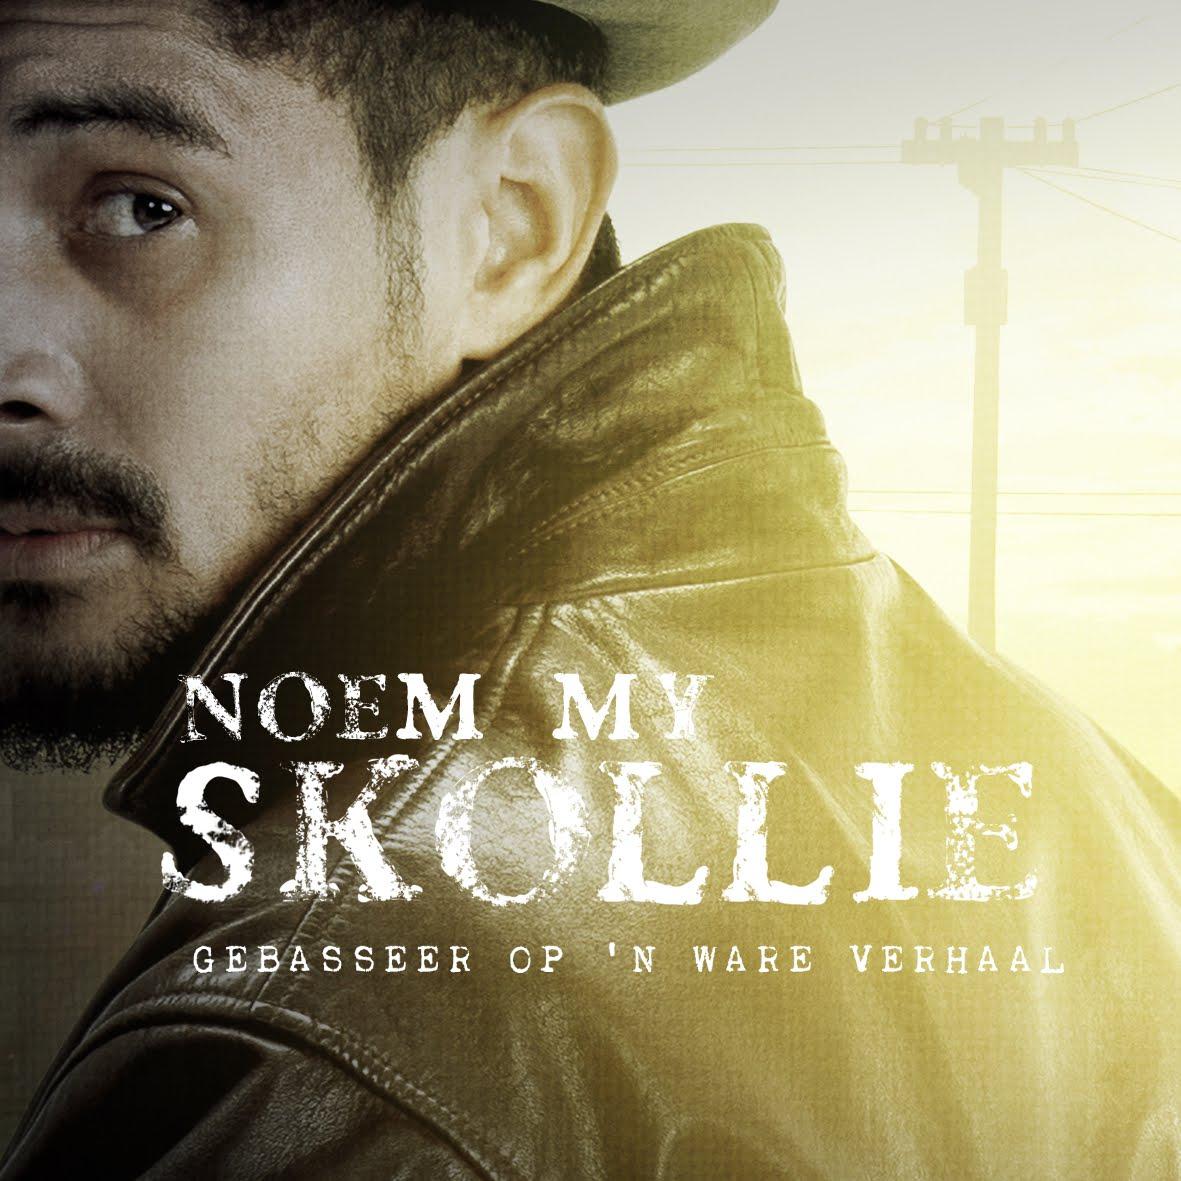 Noem My Skollie goes international